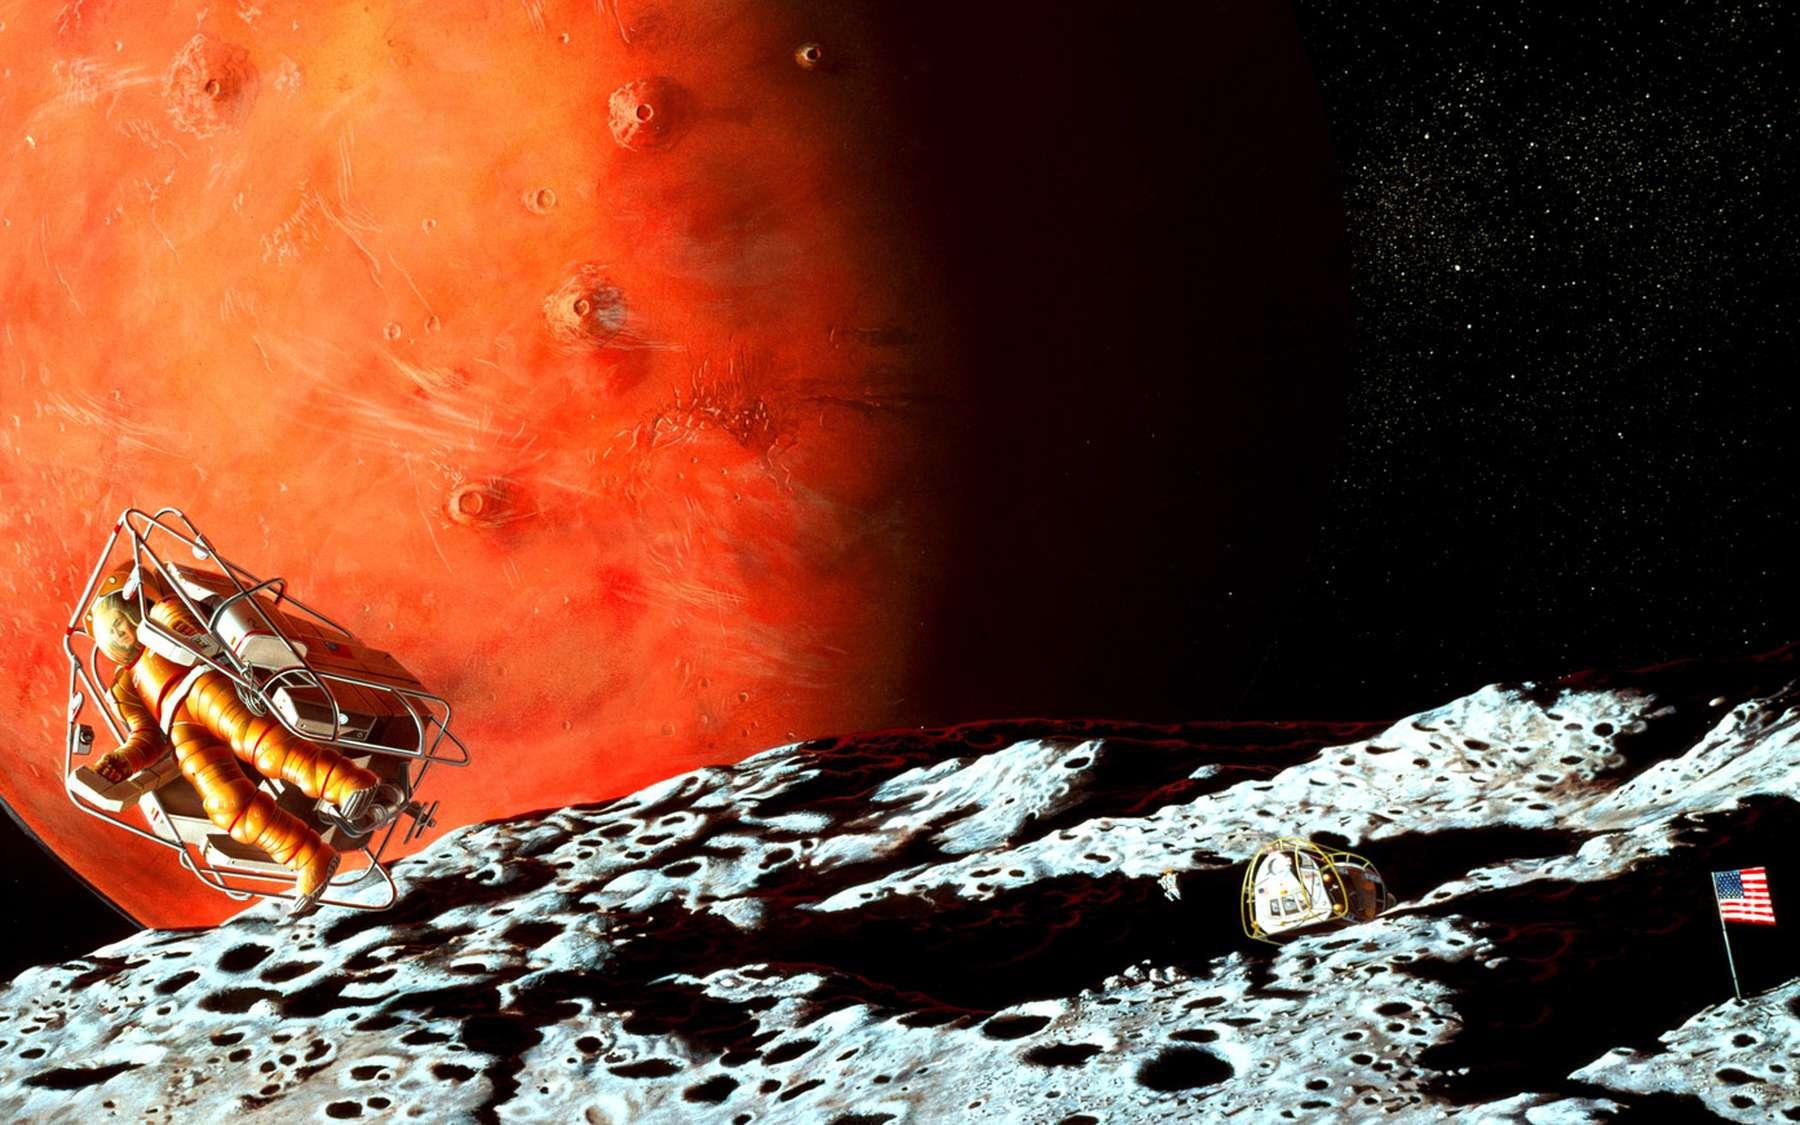 Phobos pourrait devenir un poste avancé scientifique et technique pour préparer l'exploration humaine de Mars. Crédit Nasa